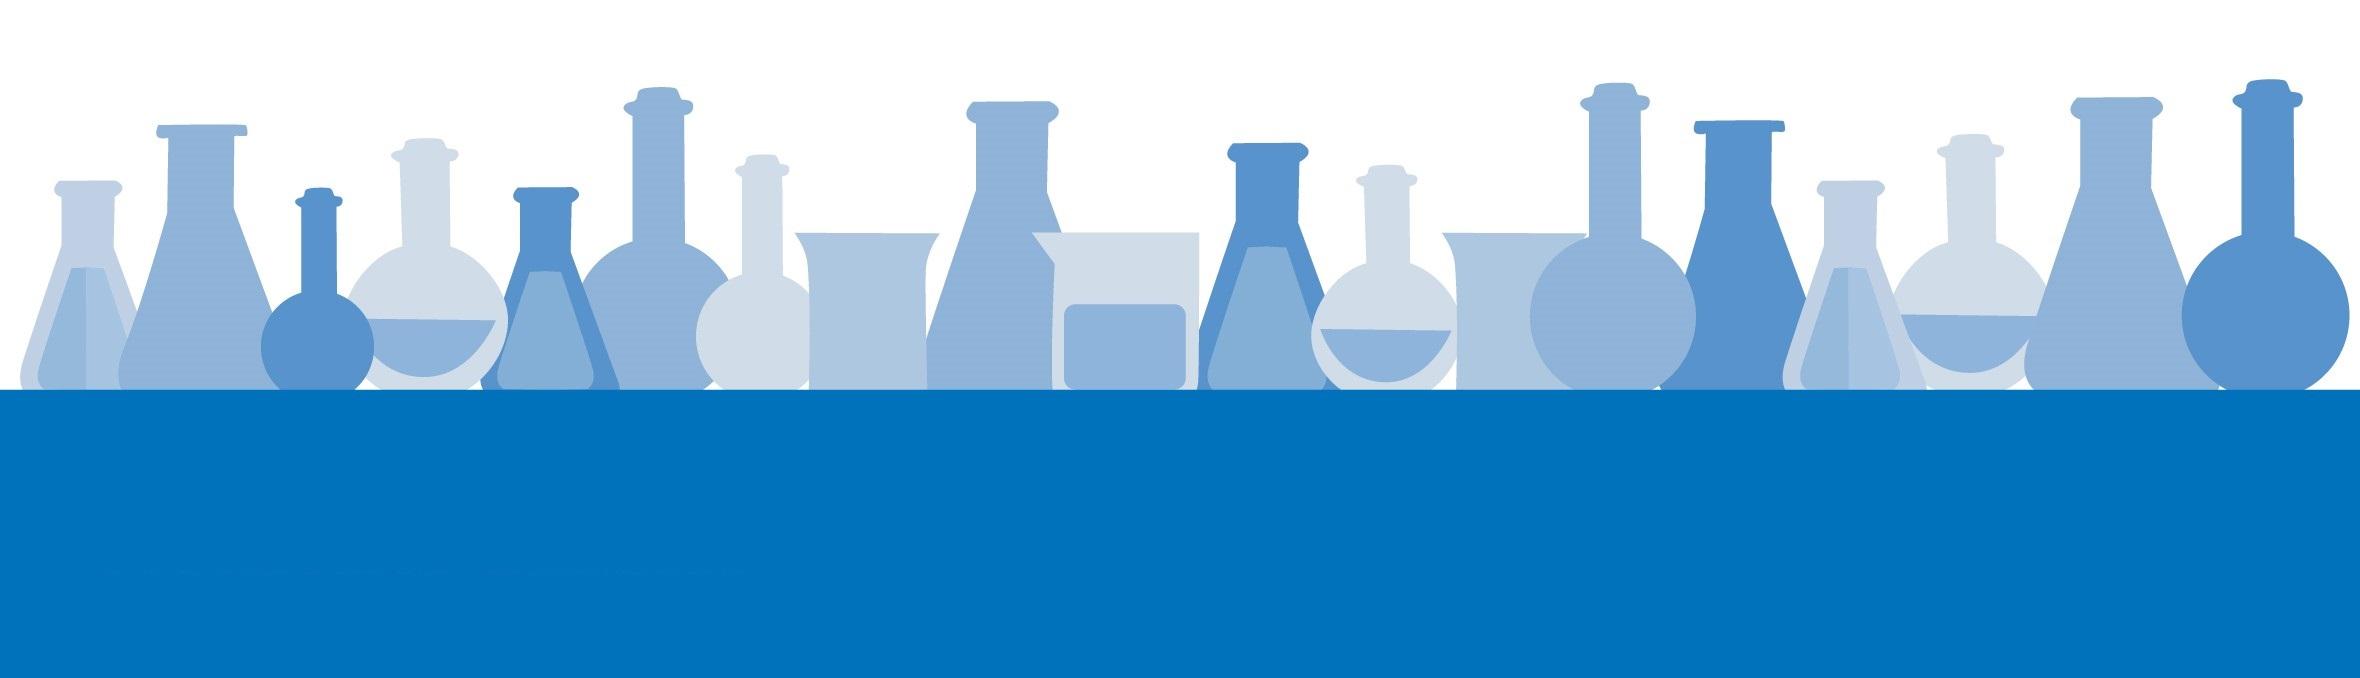 Decreto N° 743/2018: Actualización de las listas de precursores químicos.